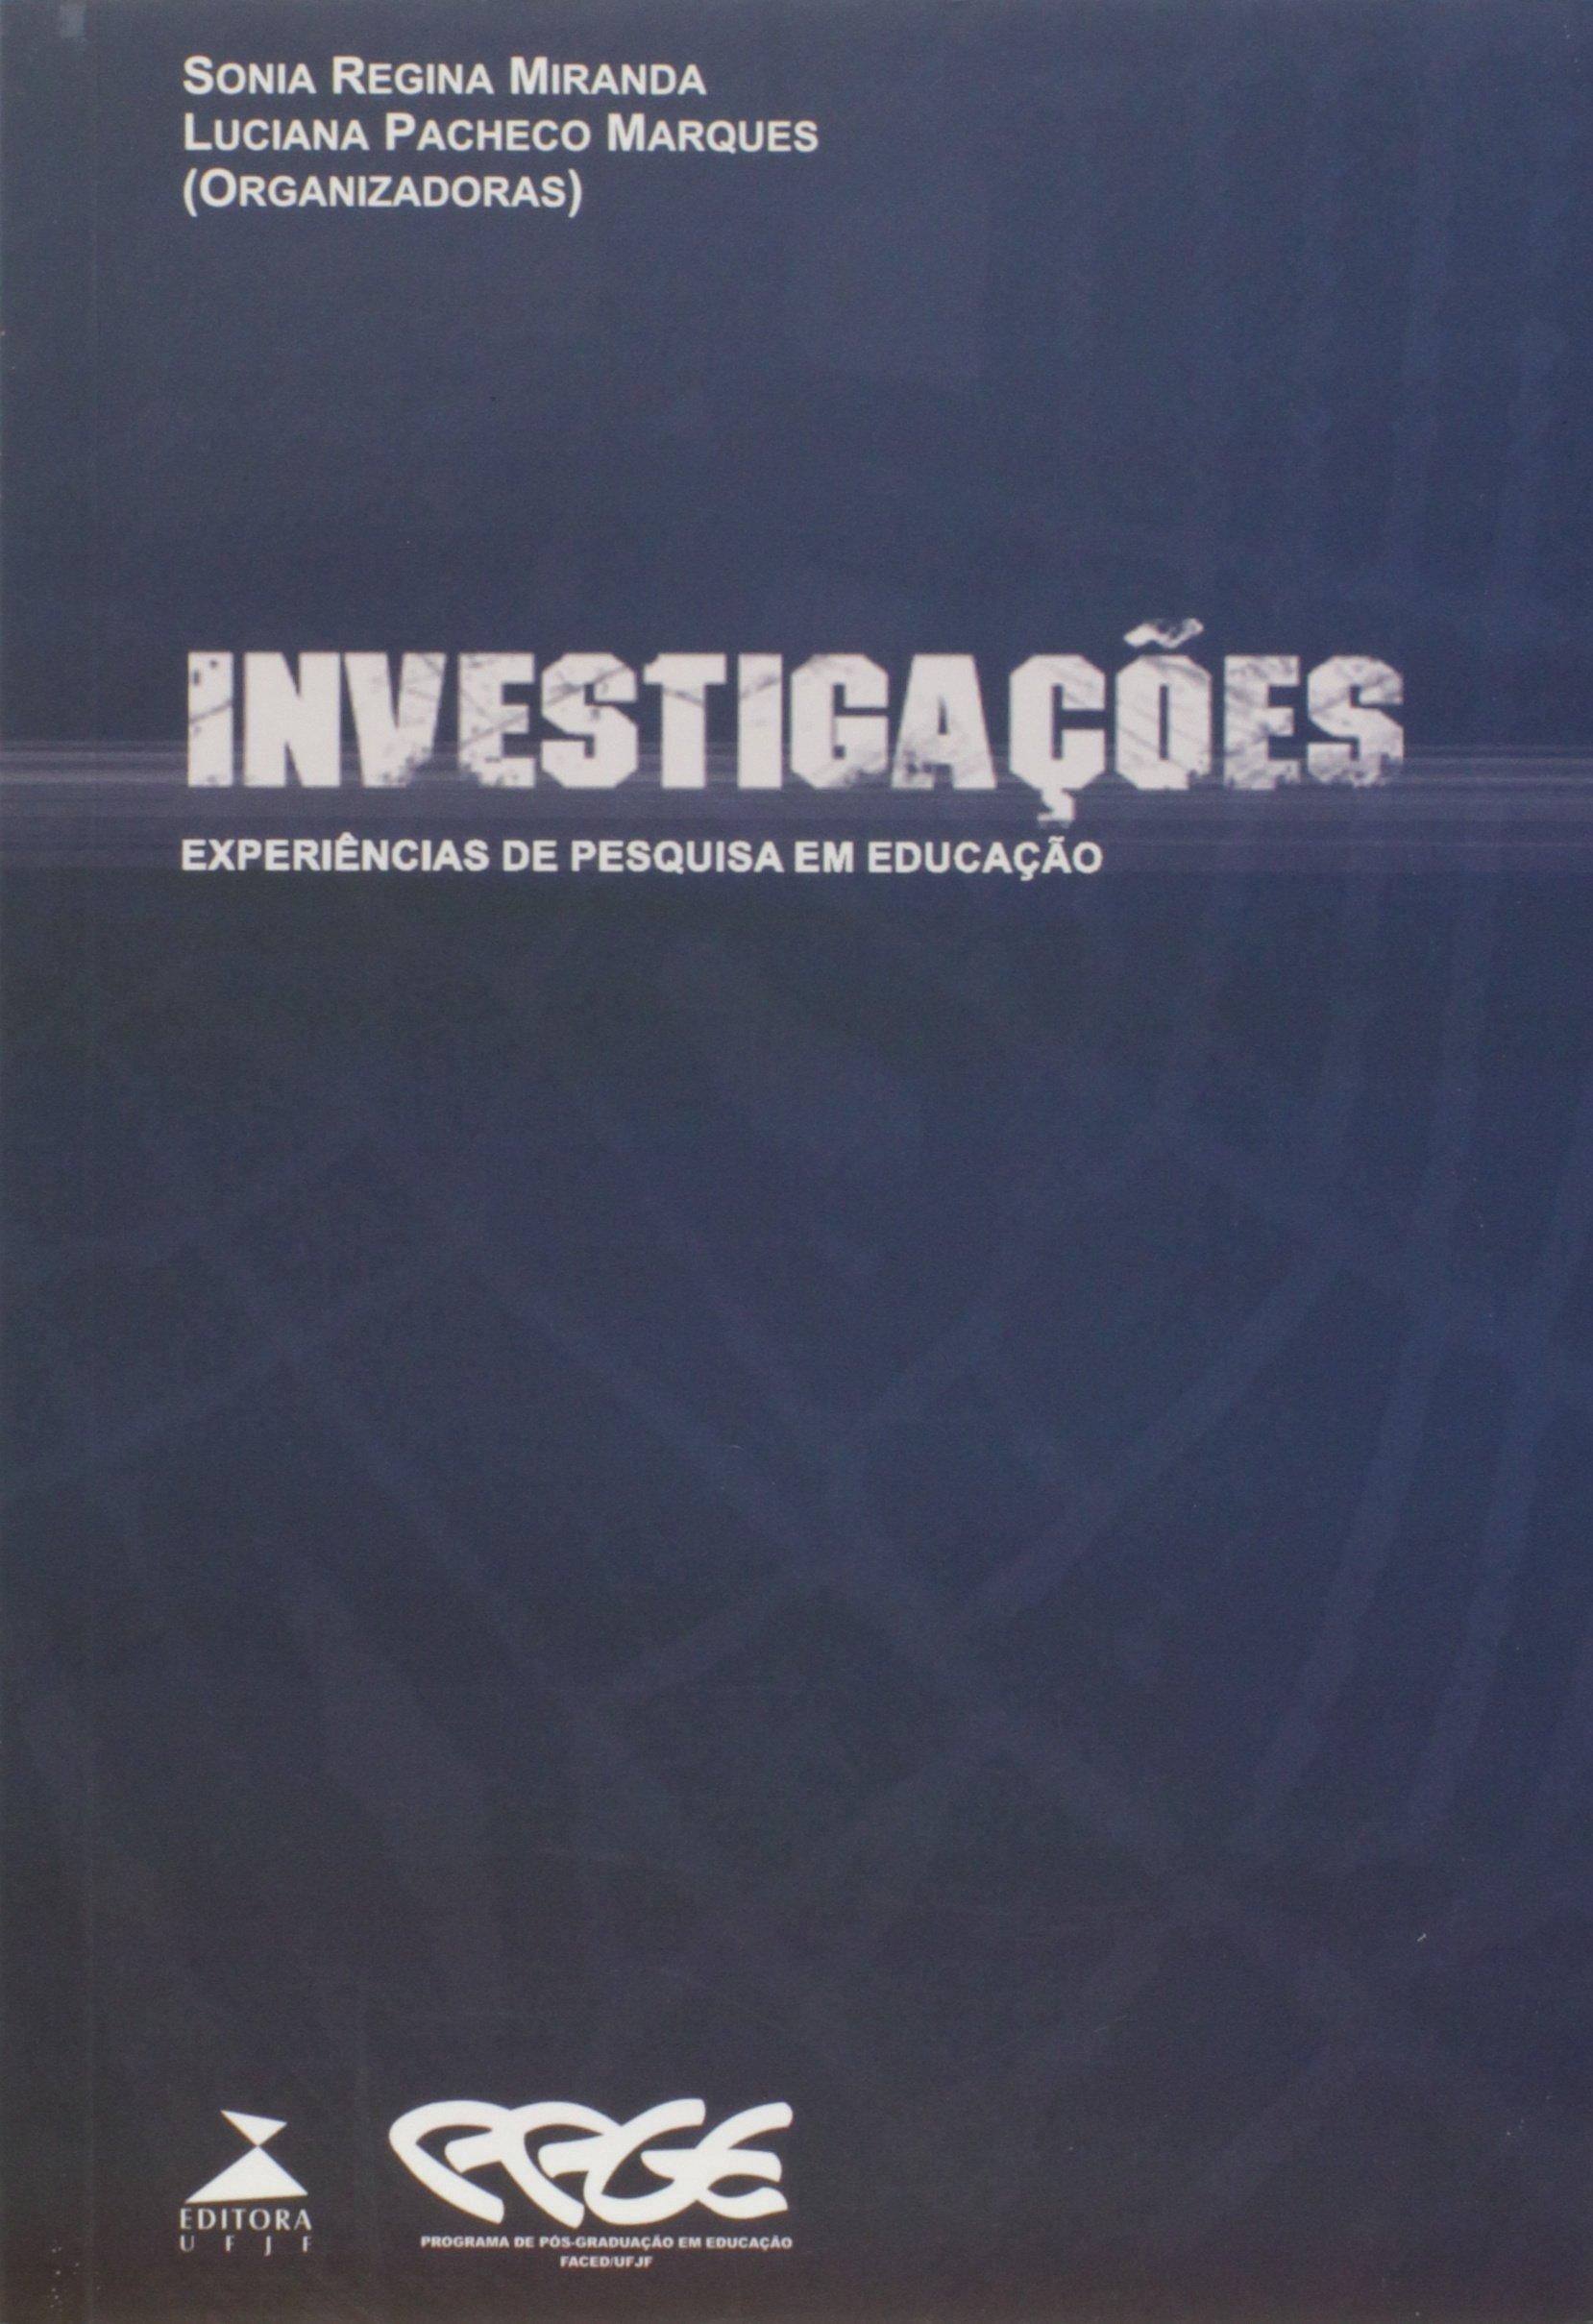 Investigações - Experiências de pesquisa em educação, livro de Sonia Pegina Miranda, Luciana Pacheco Marques (orgs.)